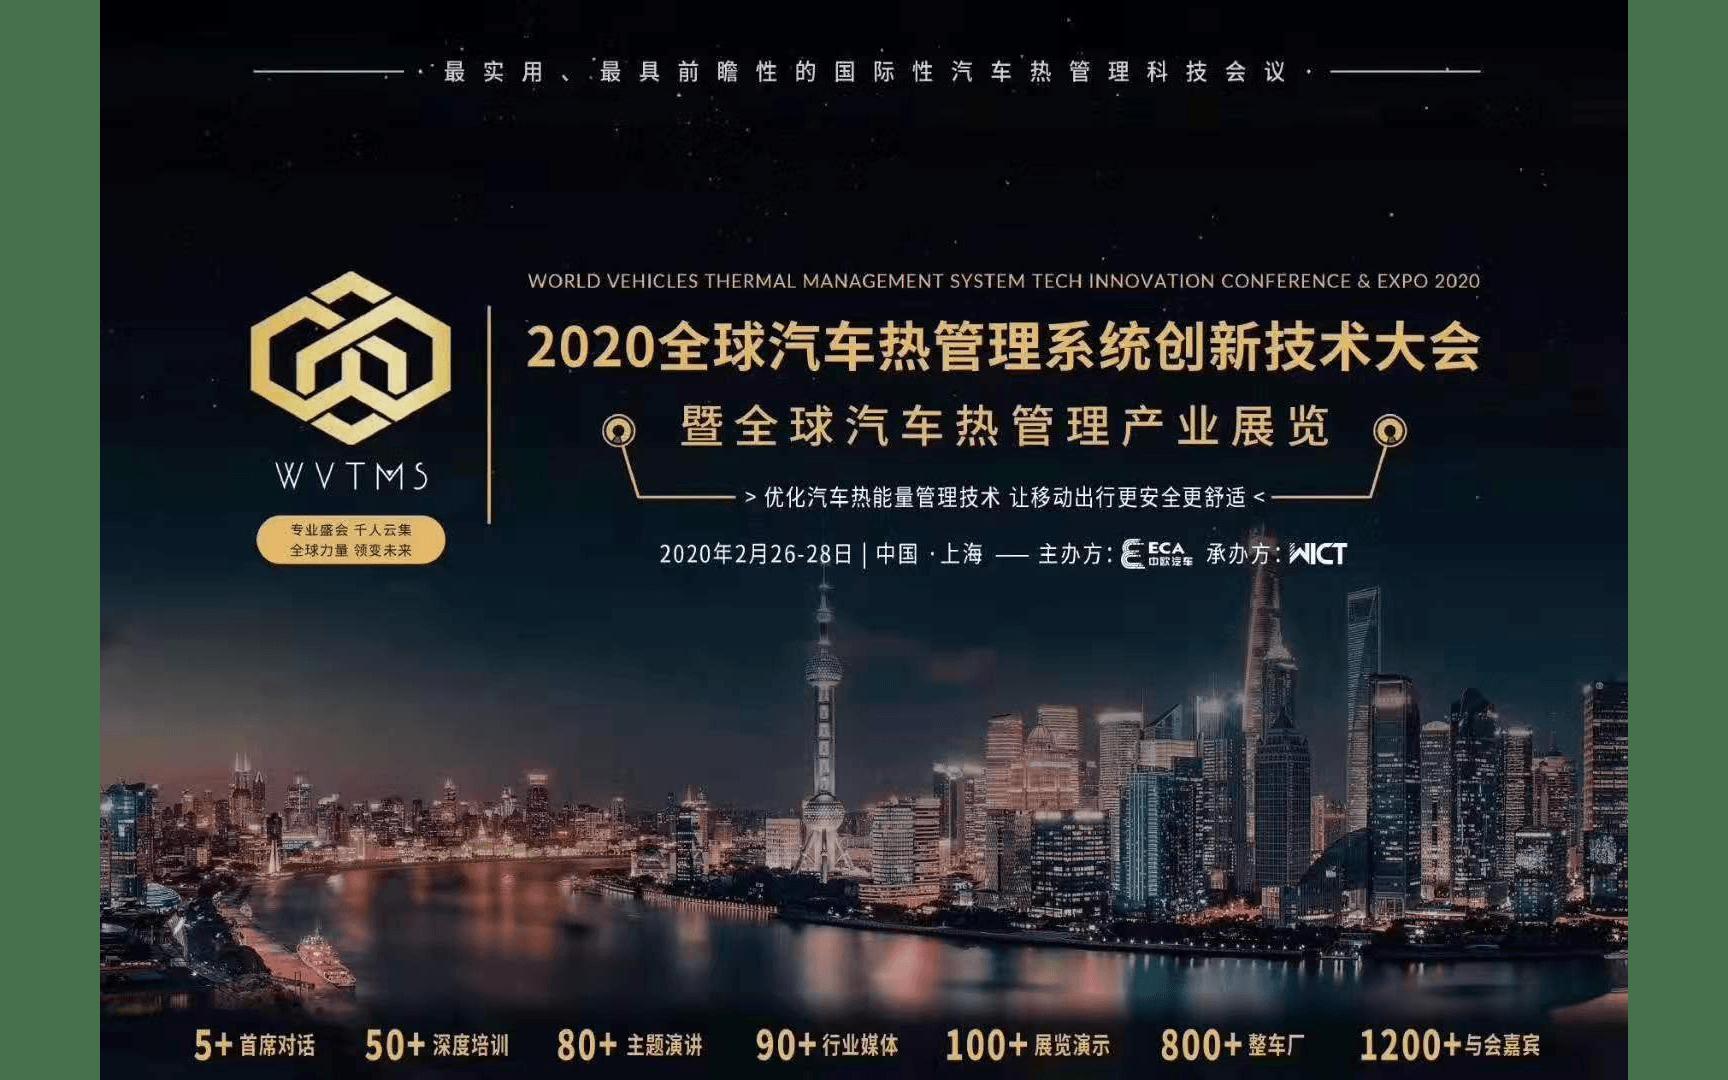 ECA 2020全球汽车热管理系统创新技术大会(上海)